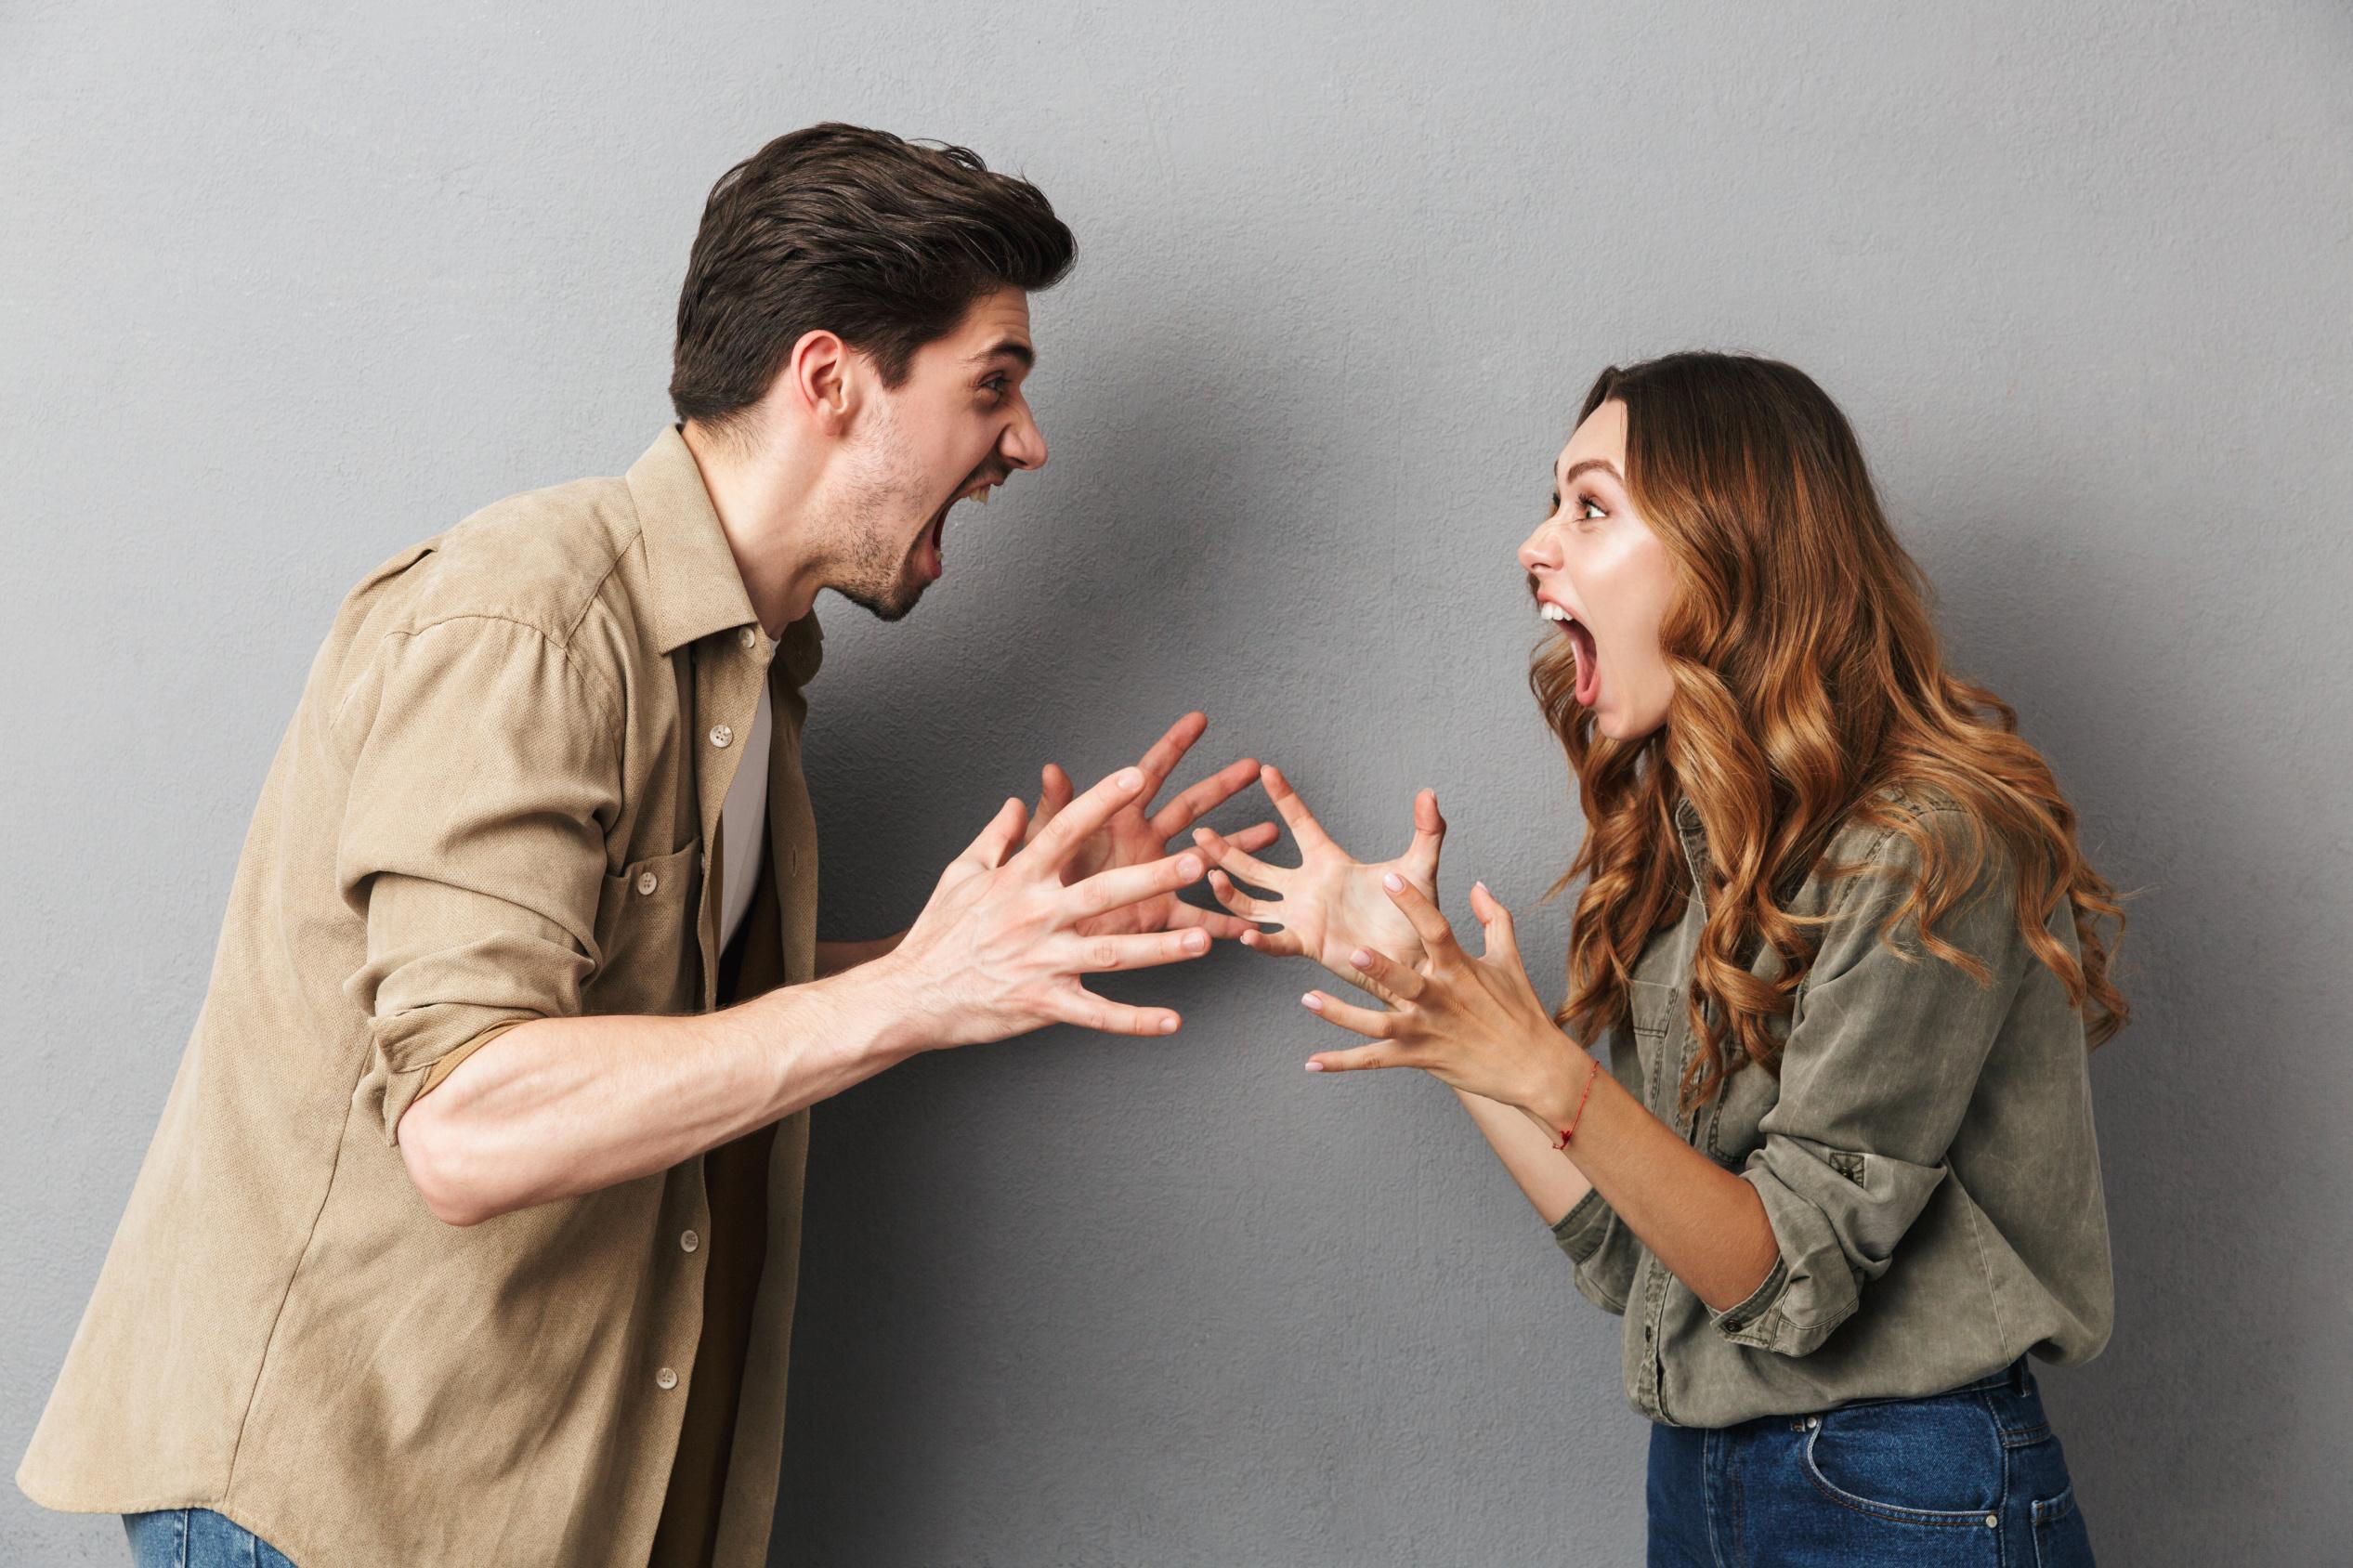 الخيانة تؤدي إلى الإنفصال والطلاق